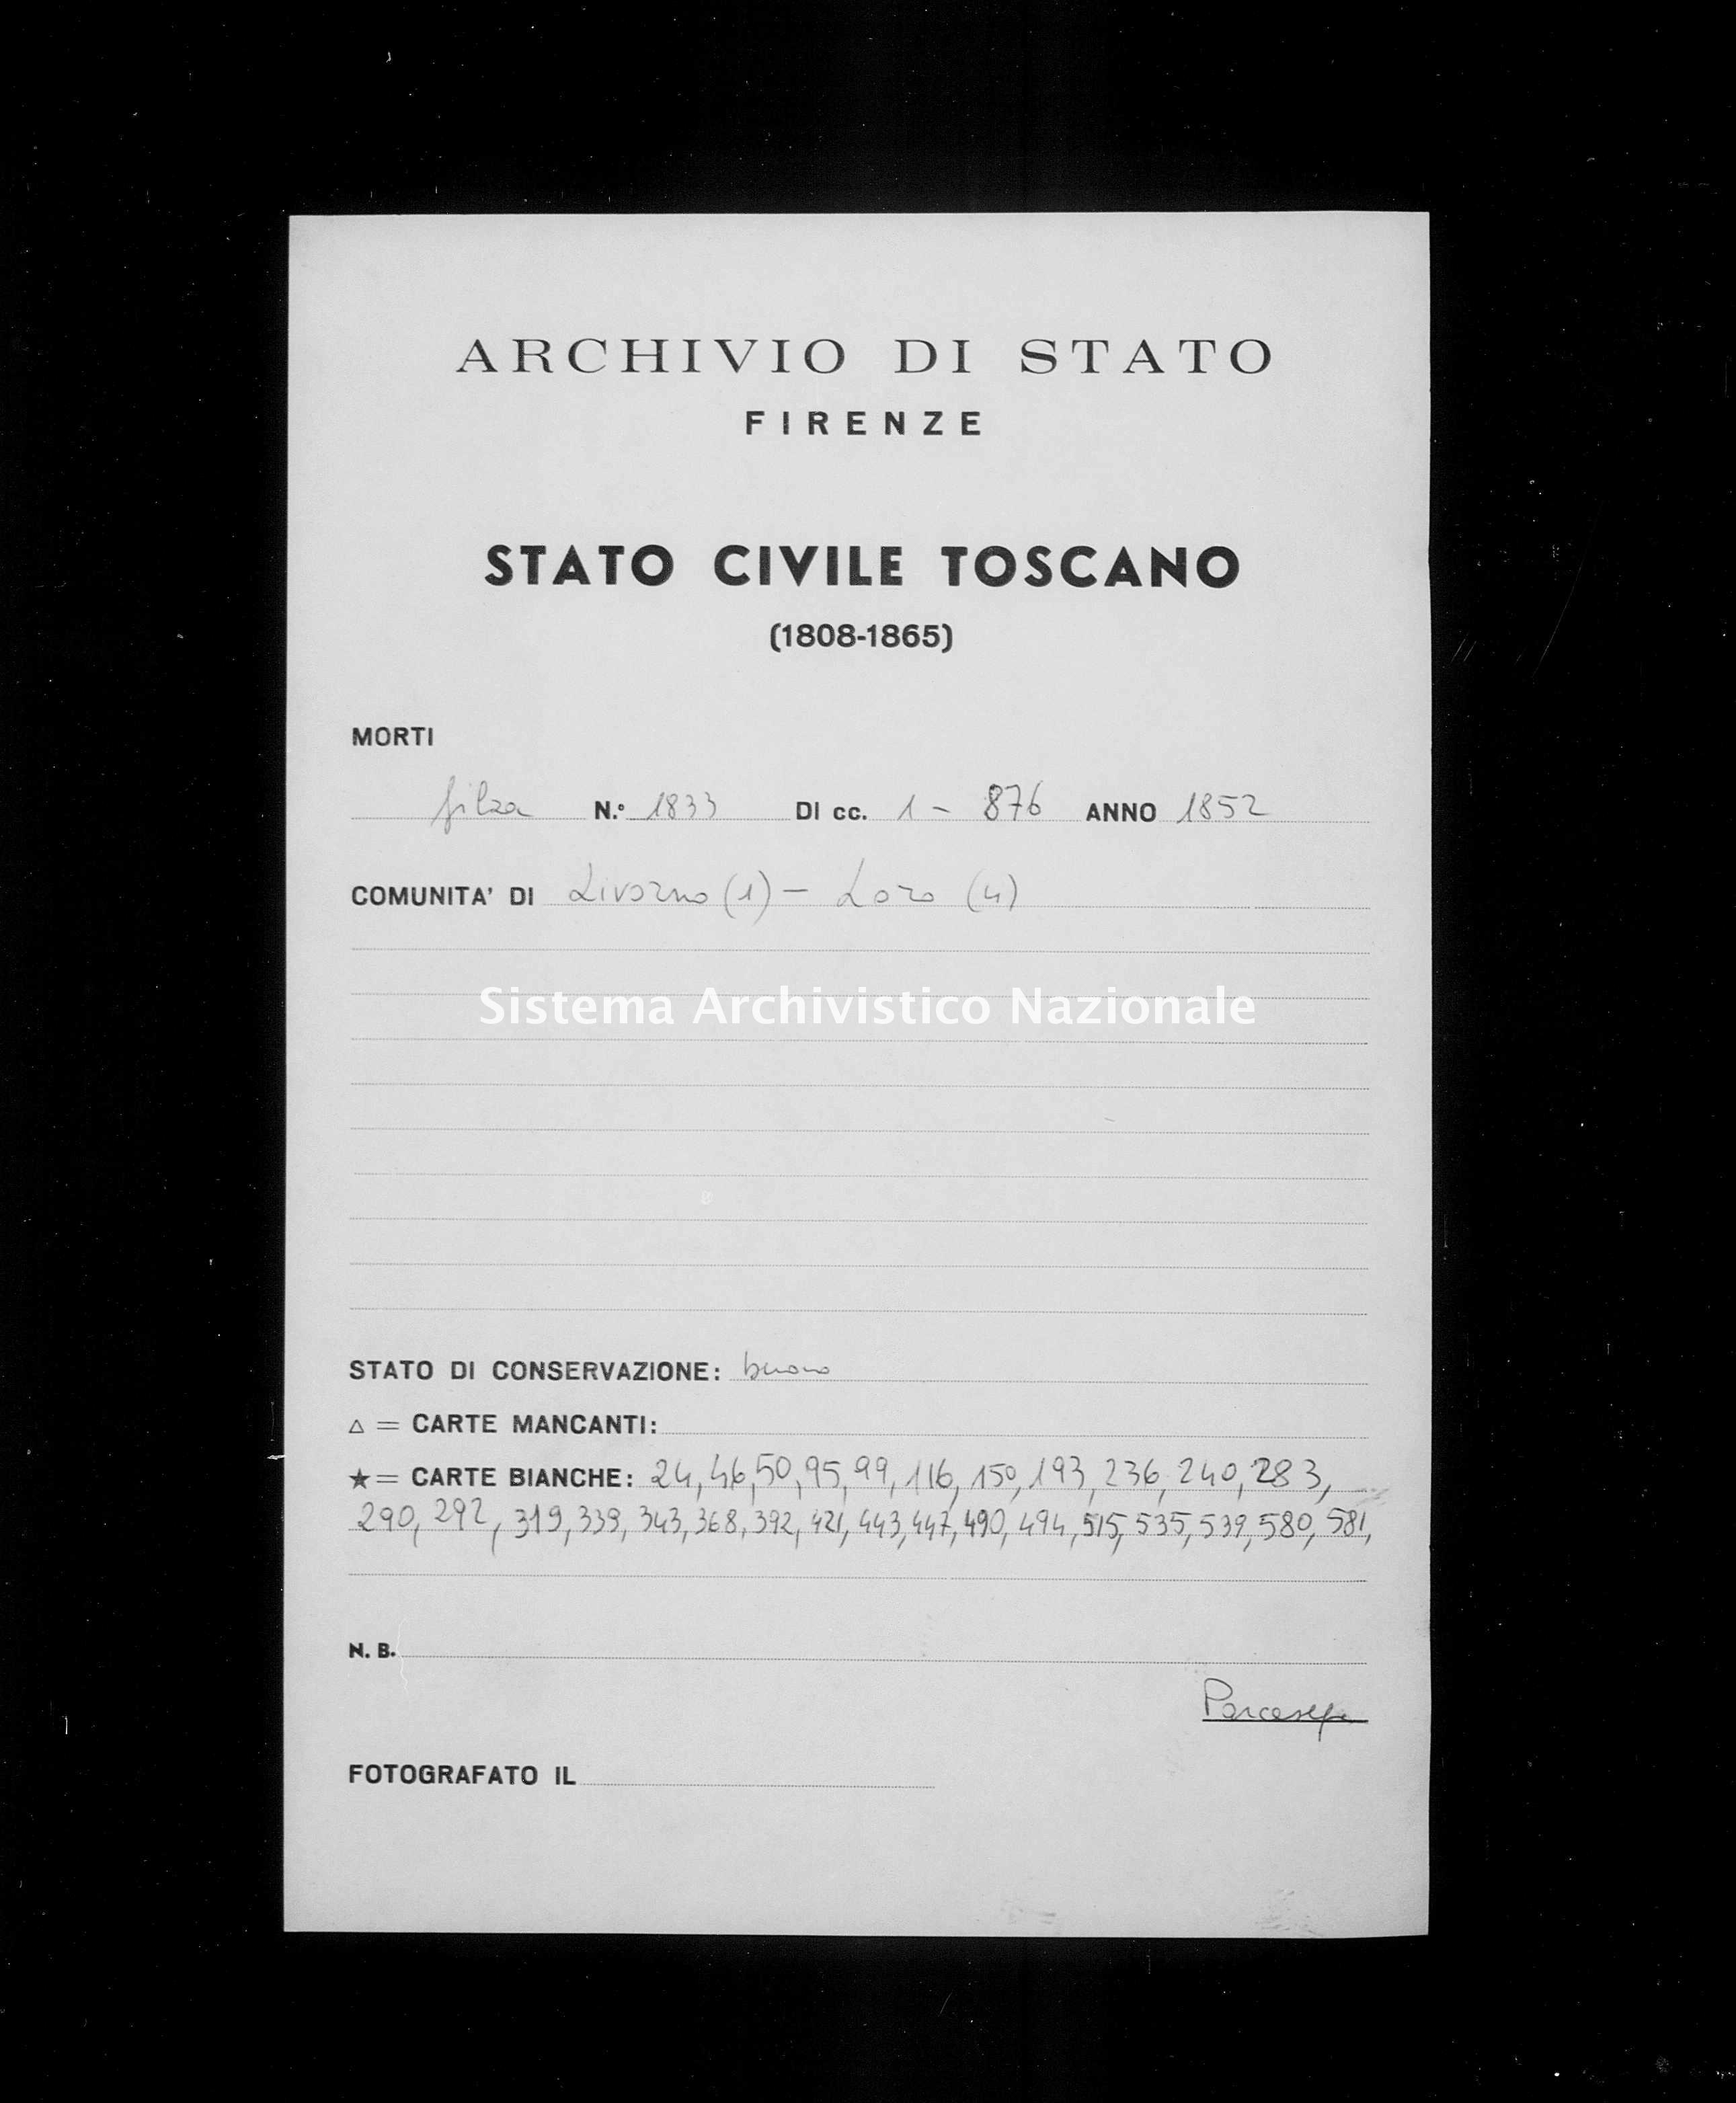 Archivio di stato di Firenze - Stato civile di Toscana (1808-1865) - Livorno - Morti - 1852 - 1833 -